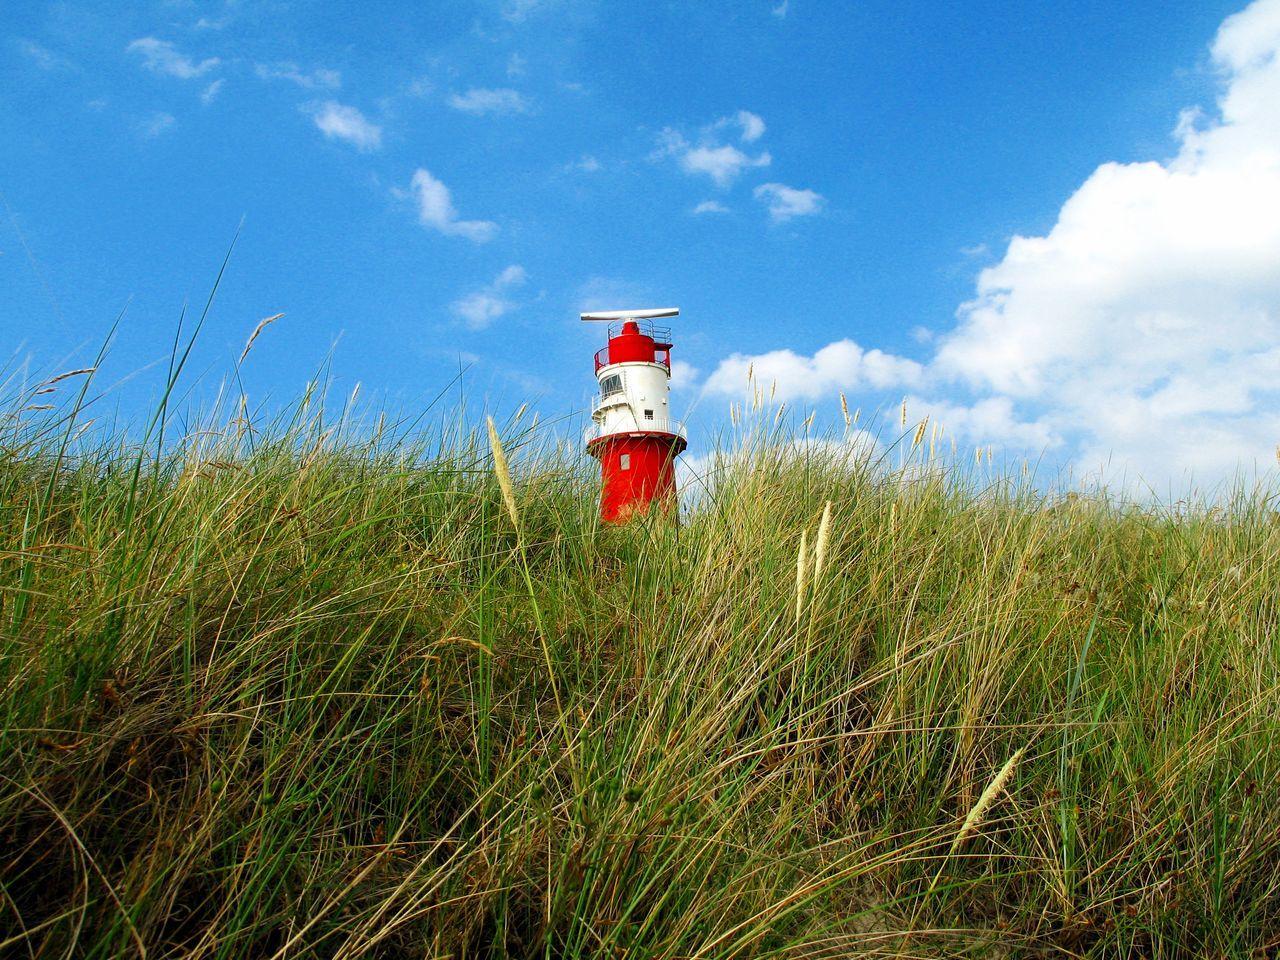 Rot-weisser Leuchtturm steht in den Dünen Blauer Himmel, Weiße Wolken Dünengras Dünenlandschaft Grass Red-white Rot-weiss Roter Leuchtturm Sommer